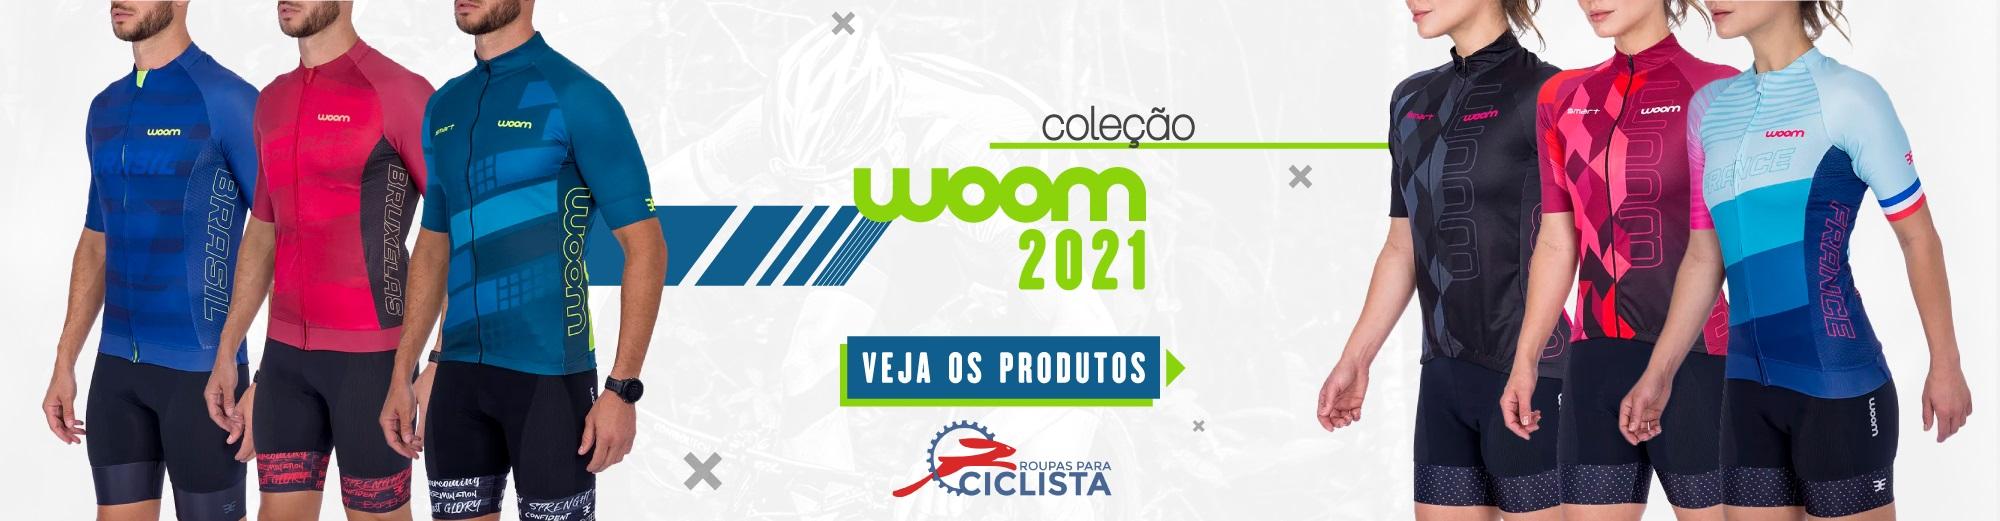 Woom 2021